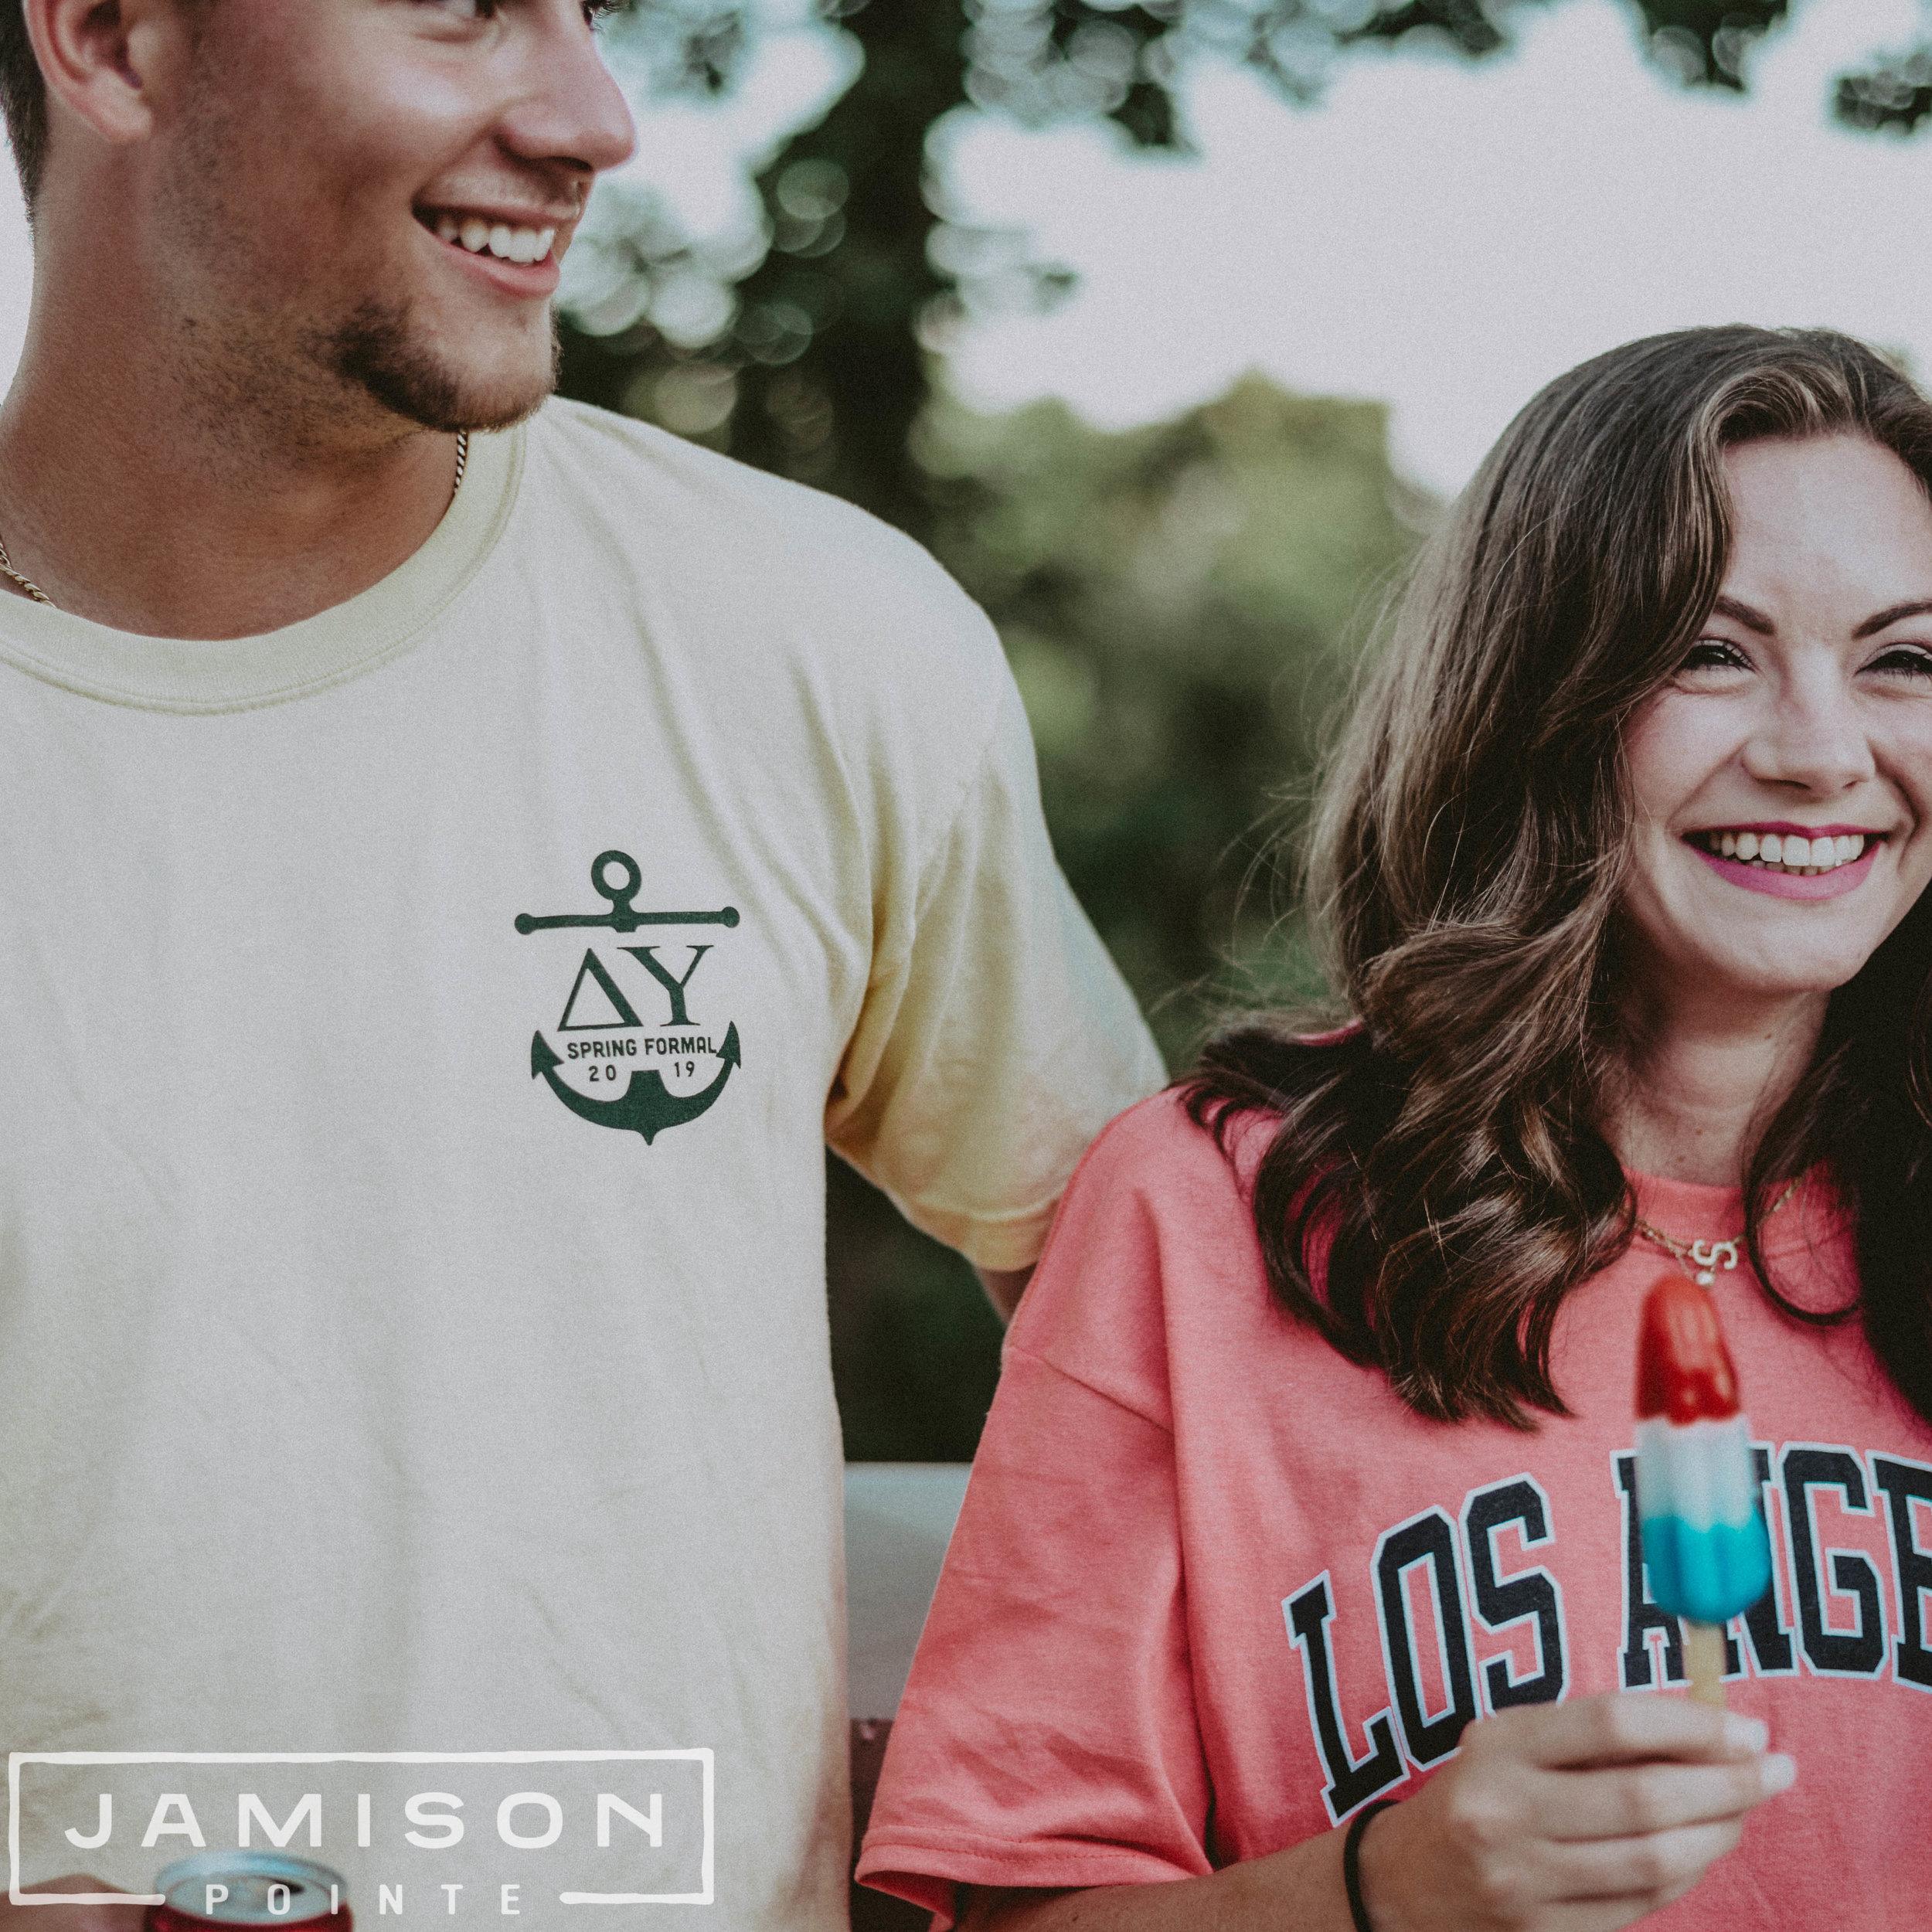 Delta Upsilon Spring Formal T-shirt